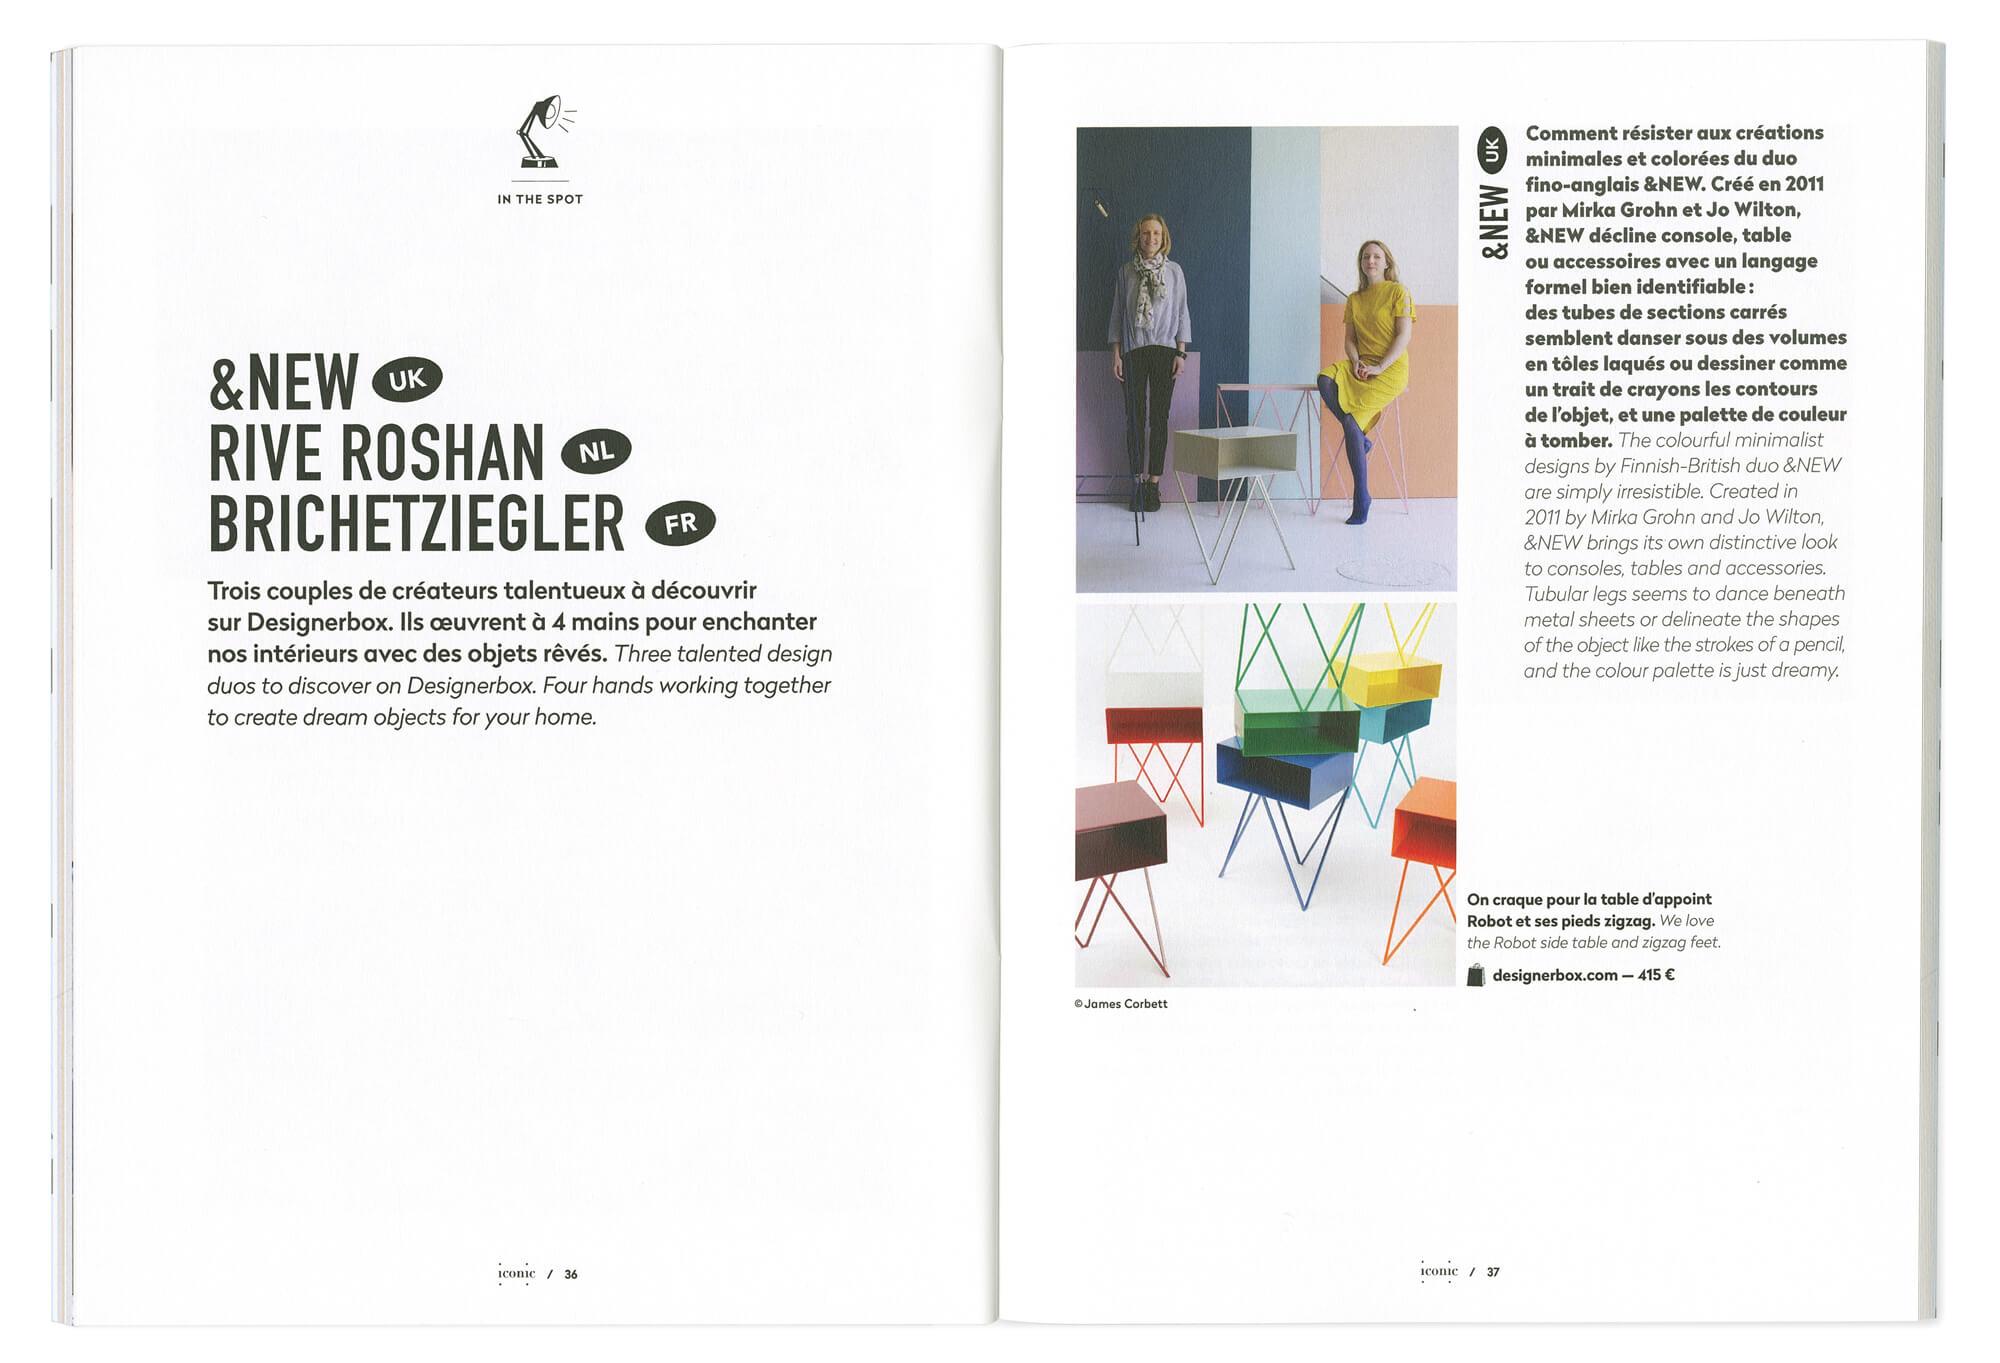 ichetkar dessine la maquette du magazine destiné a label famille, premier numéro du magazine de designerbox